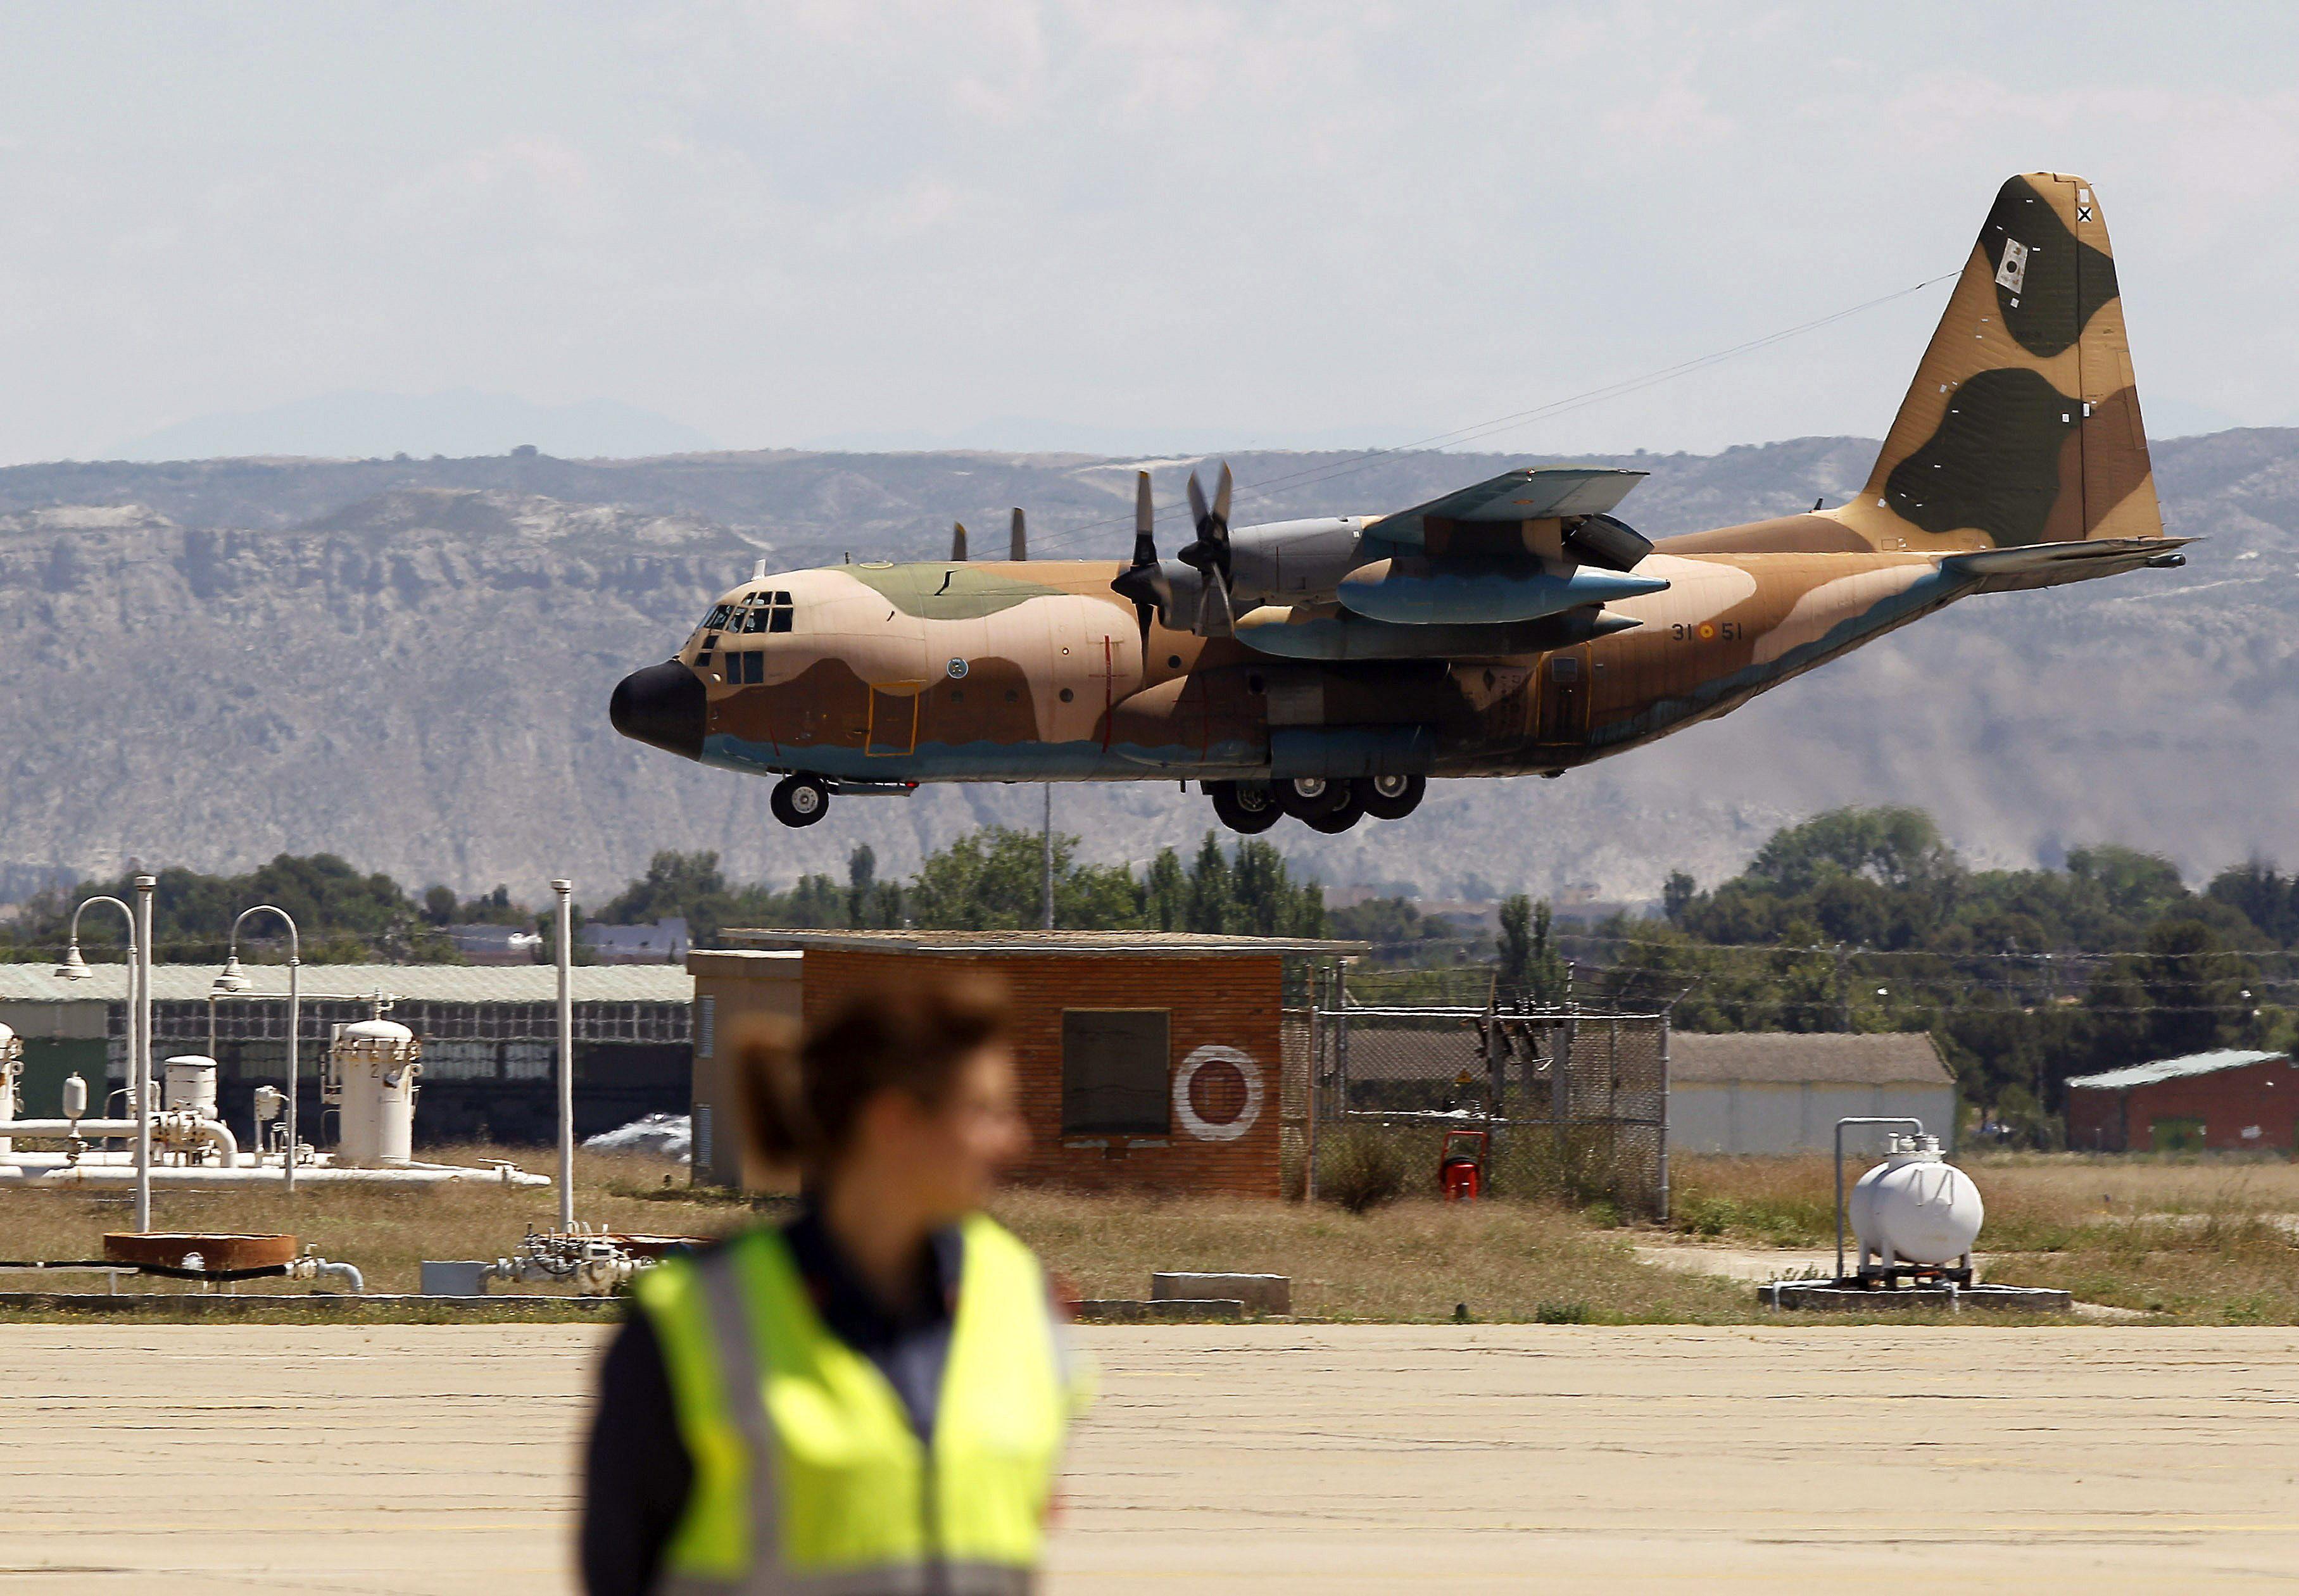 Las fuerzas aéreas militares europeas se formarán en Zaragoza en 2013